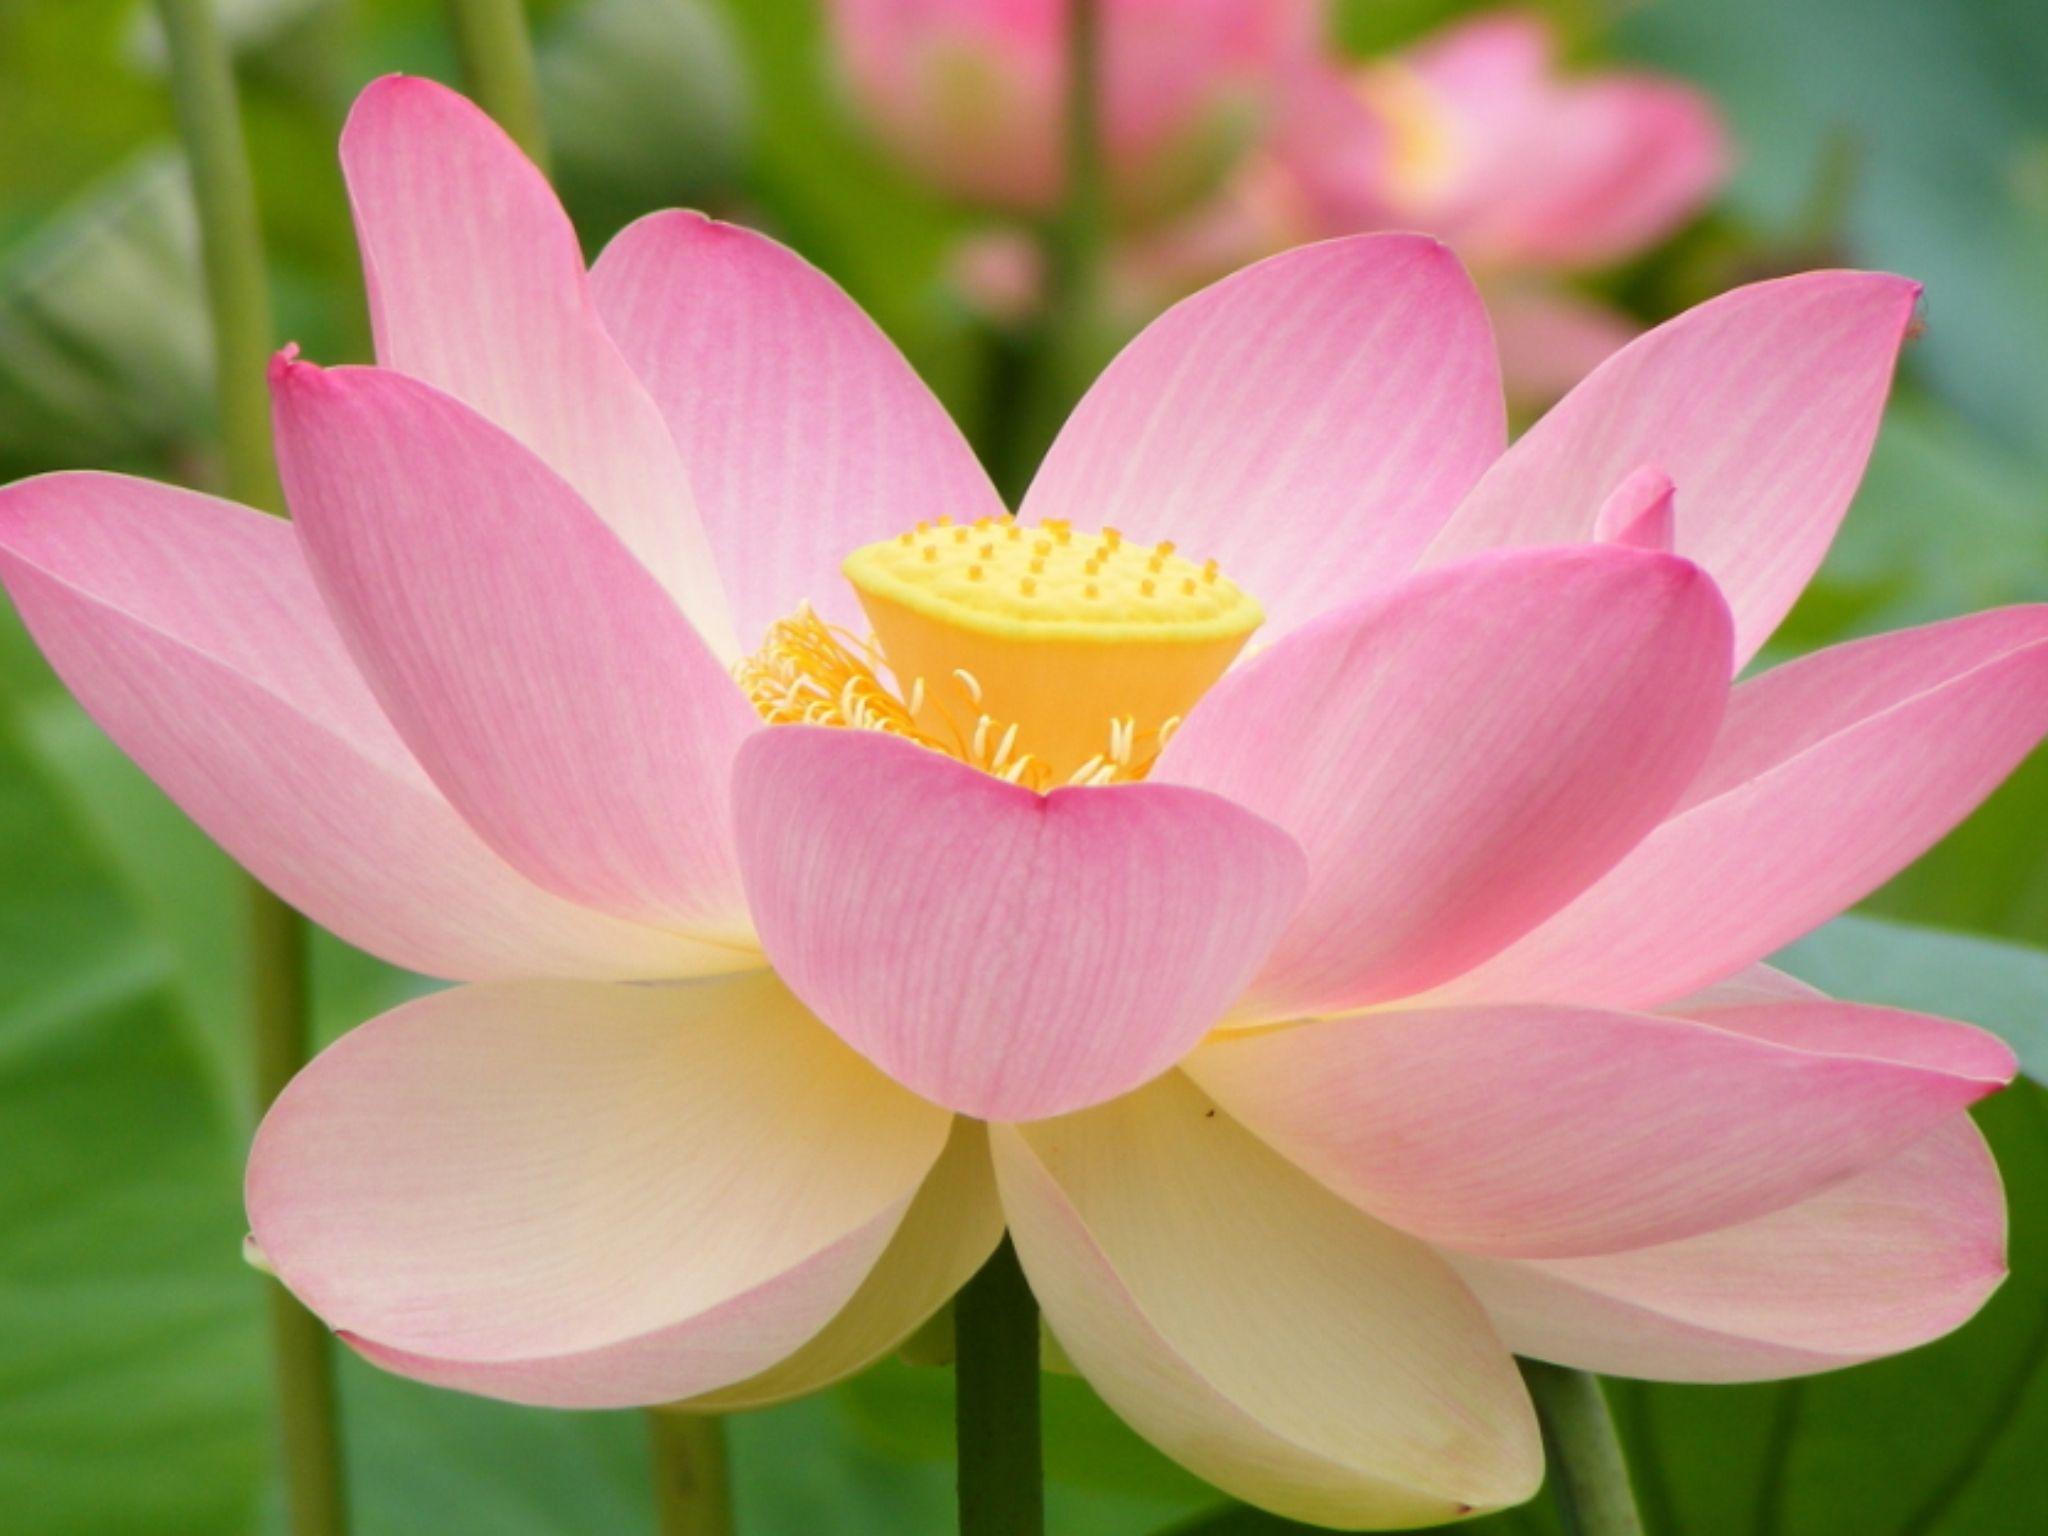 Beautiful unique flower flowers pinterest for Unique pictures of flowers